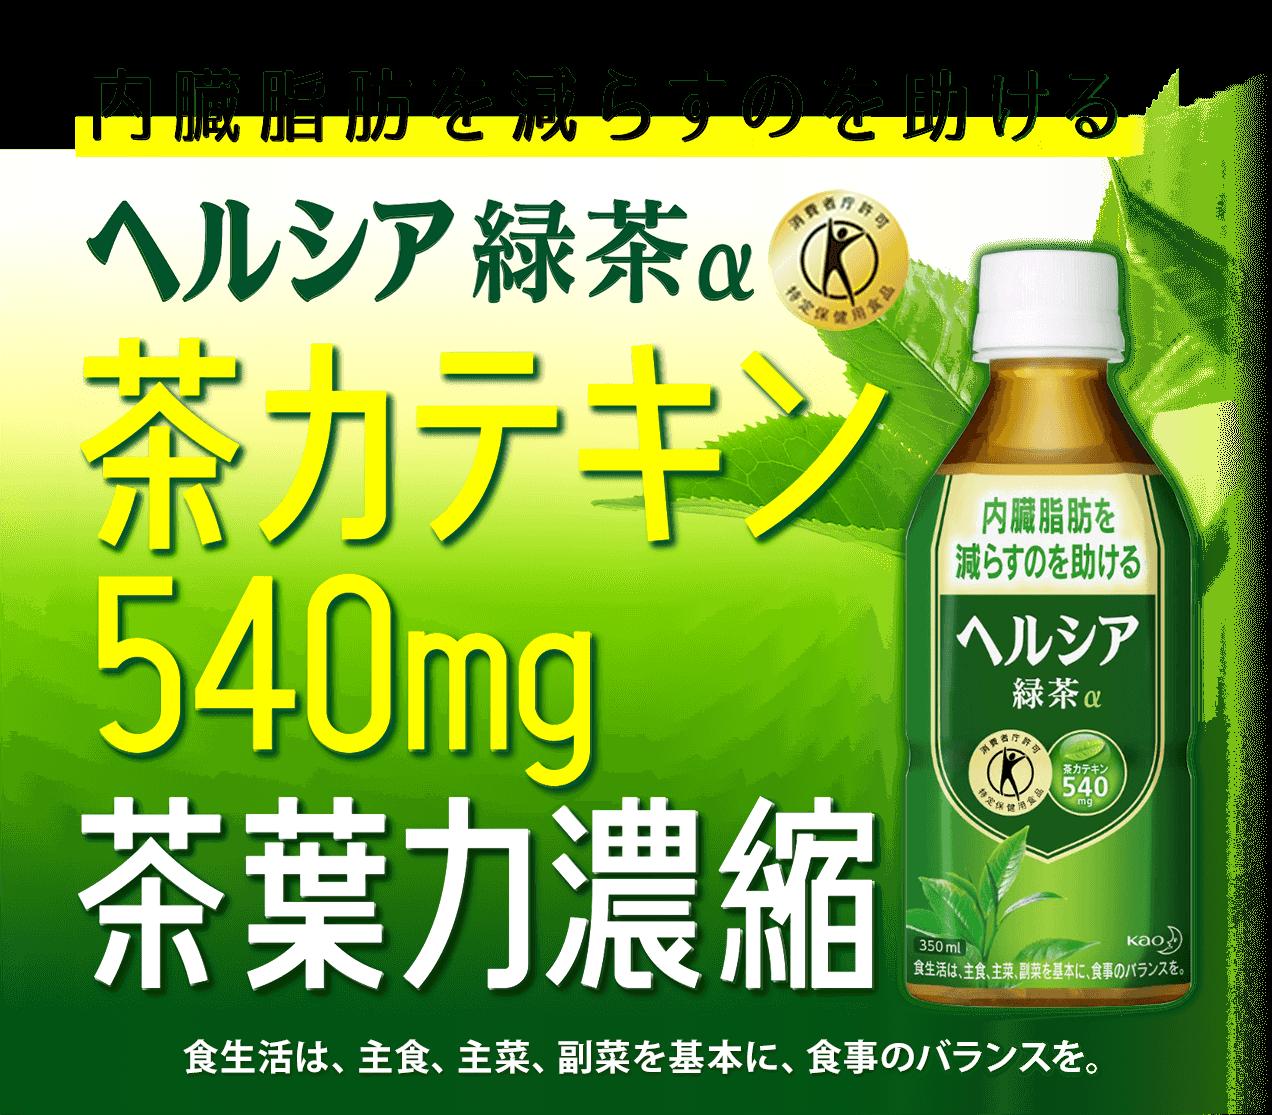 内臓脂肪を減らすのを助けるヘルシア緑茶α茶カテキン540mg茶葉力濃縮 食生活は、主食、主菜、副菜を基本に、食事のバランスを。